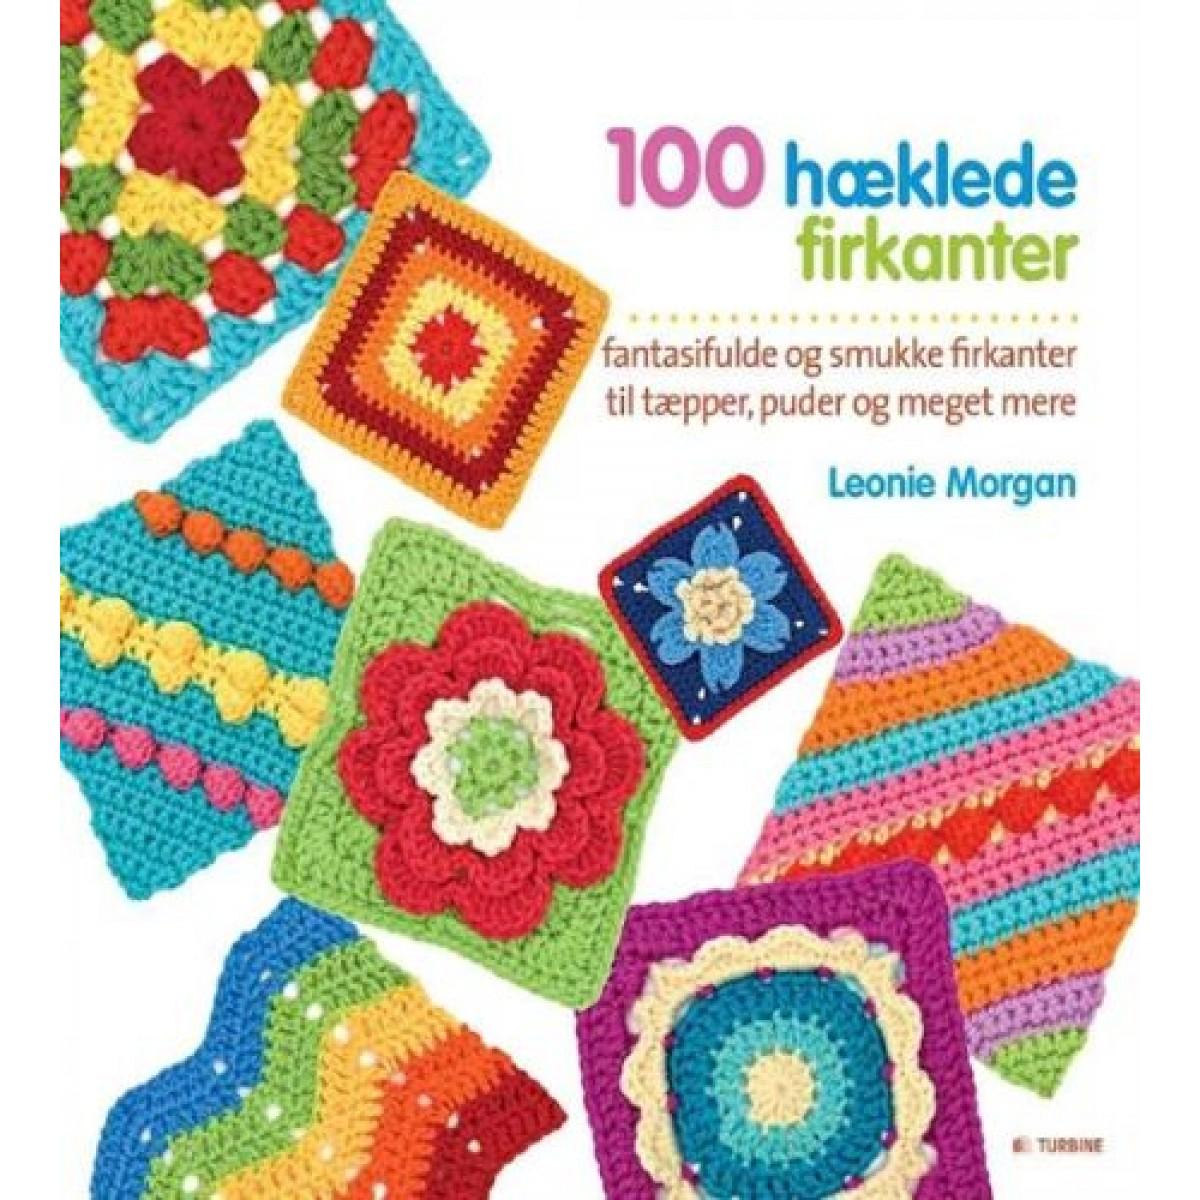 100 hæklede firkanter-31